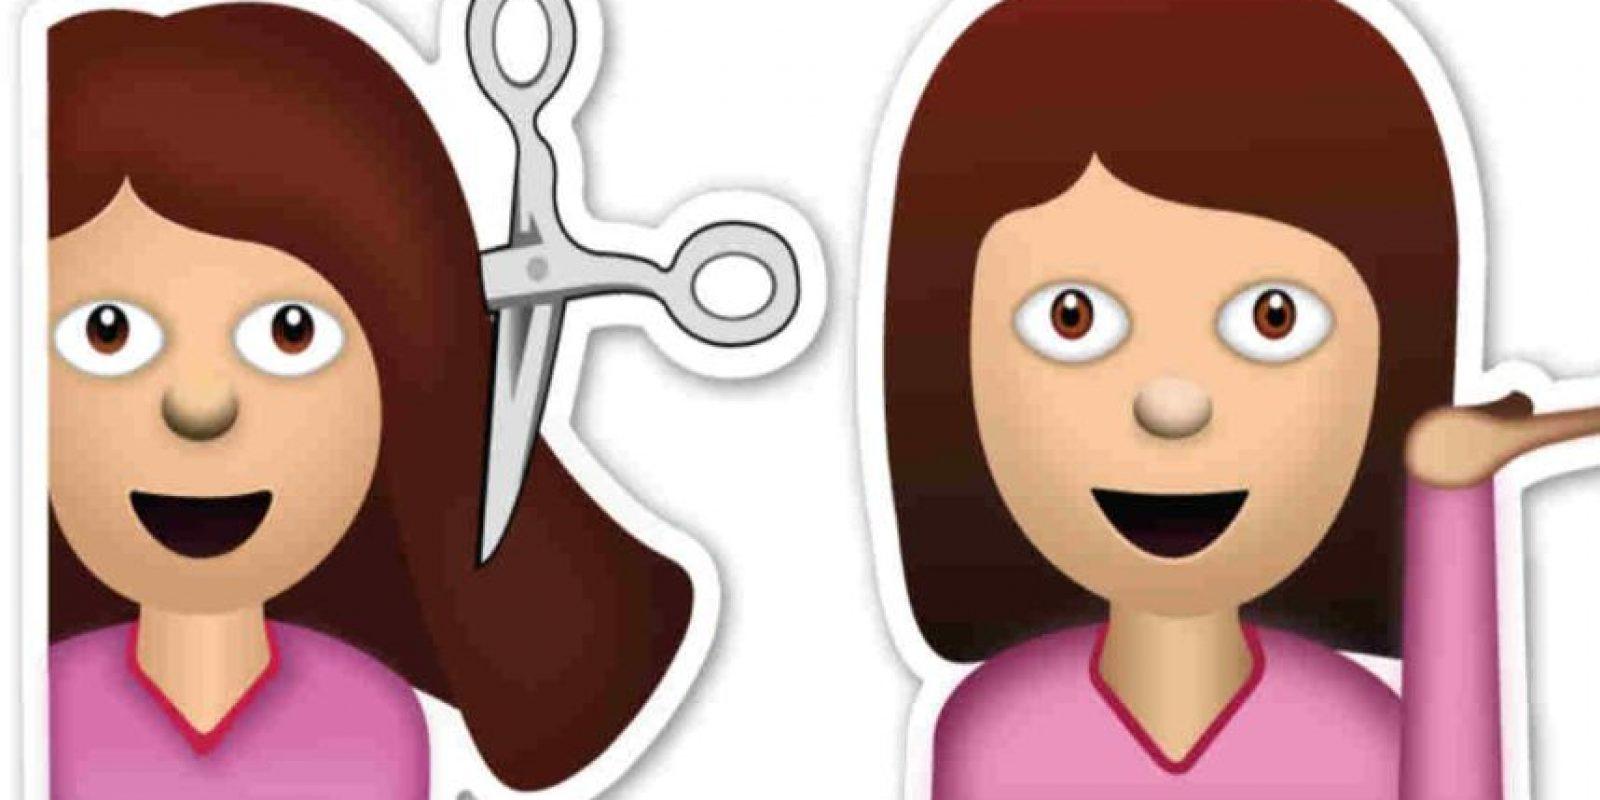 Una chica ha descubierto el hilo negro de este emoticón. Foto:Tumblr. Imagen Por: